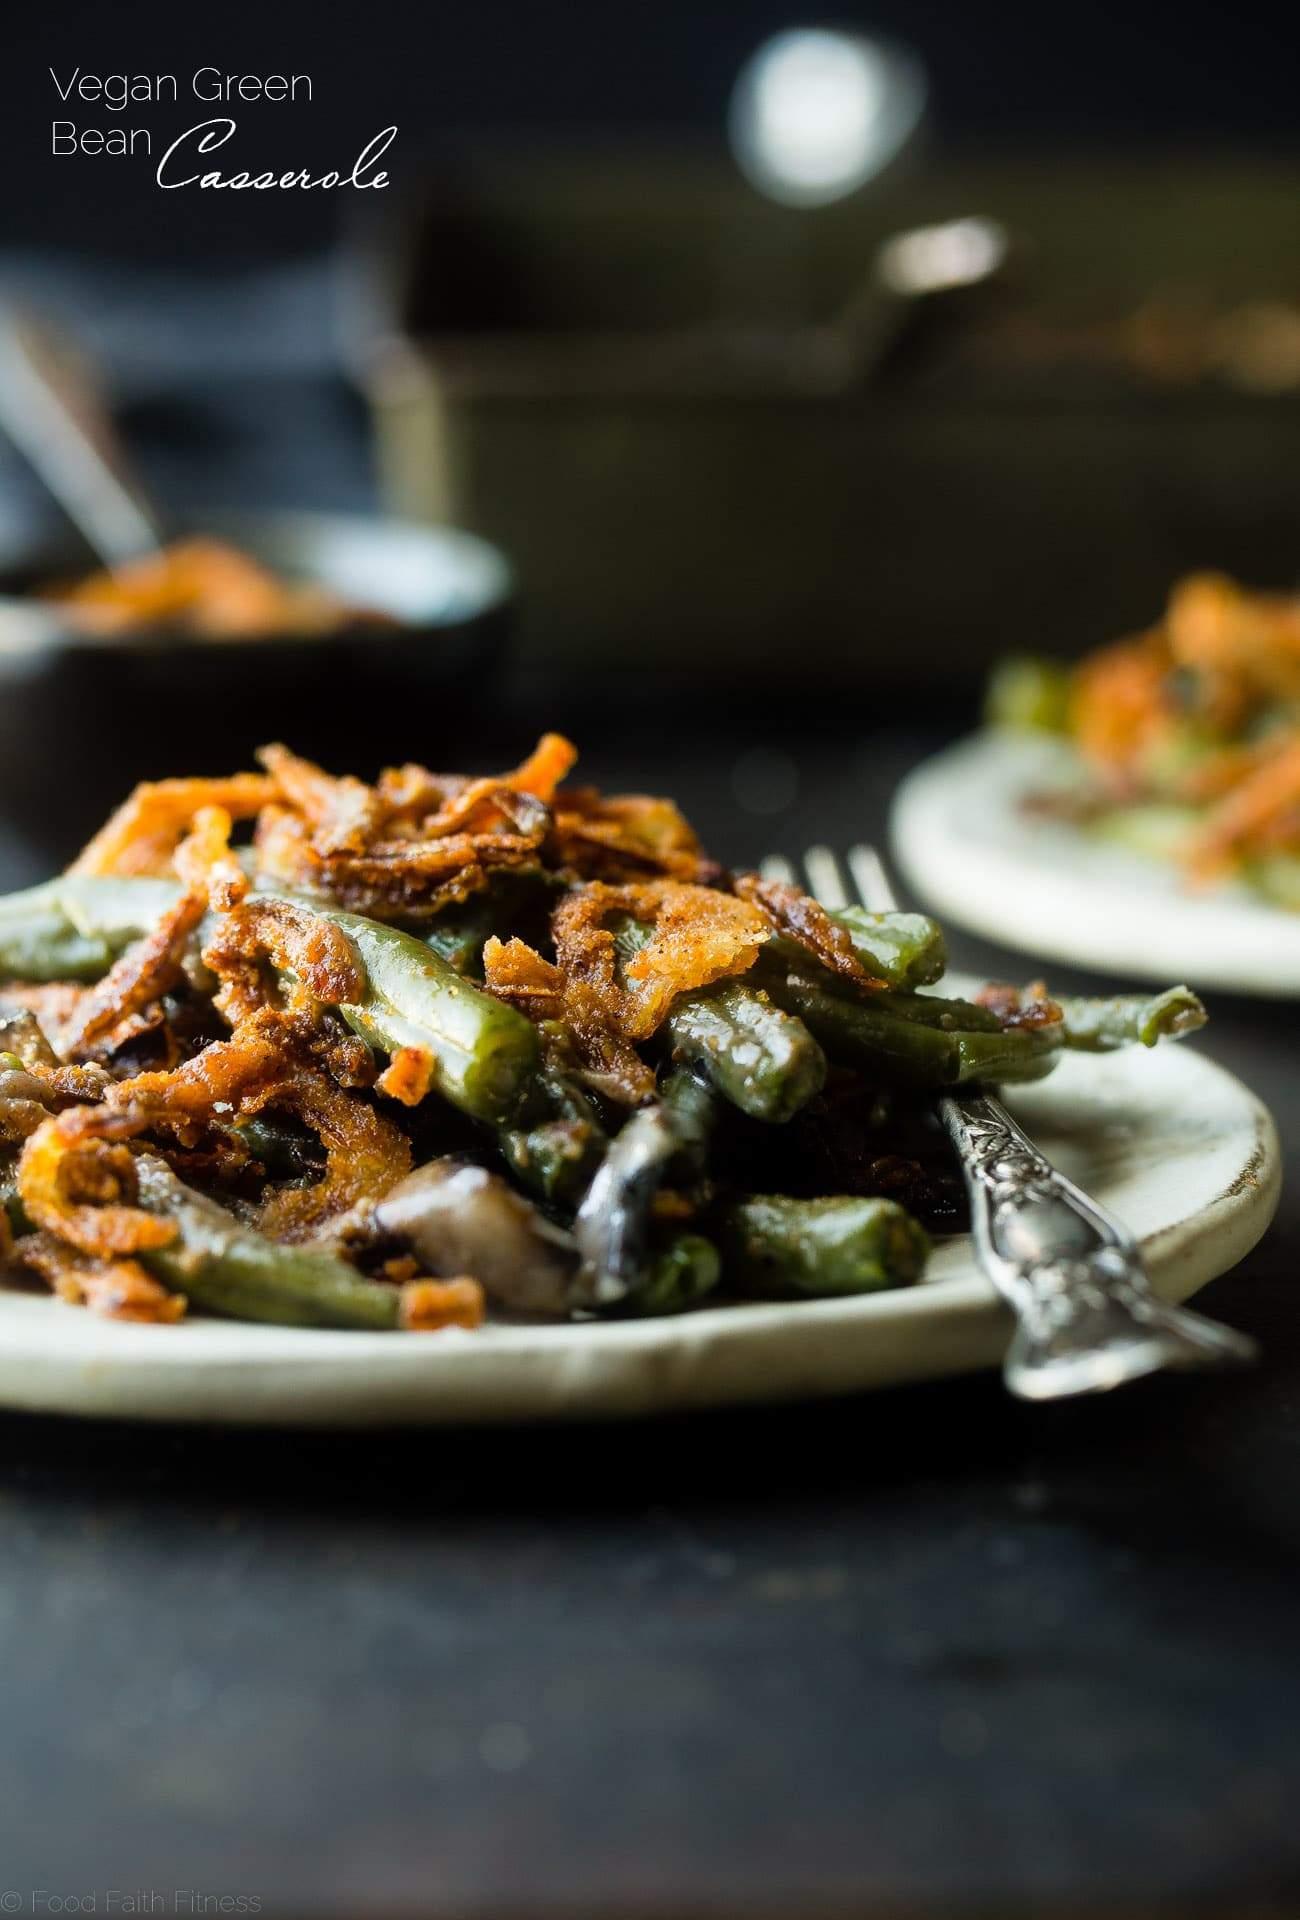 healthy-vegan-green-bean-casserole-photograph